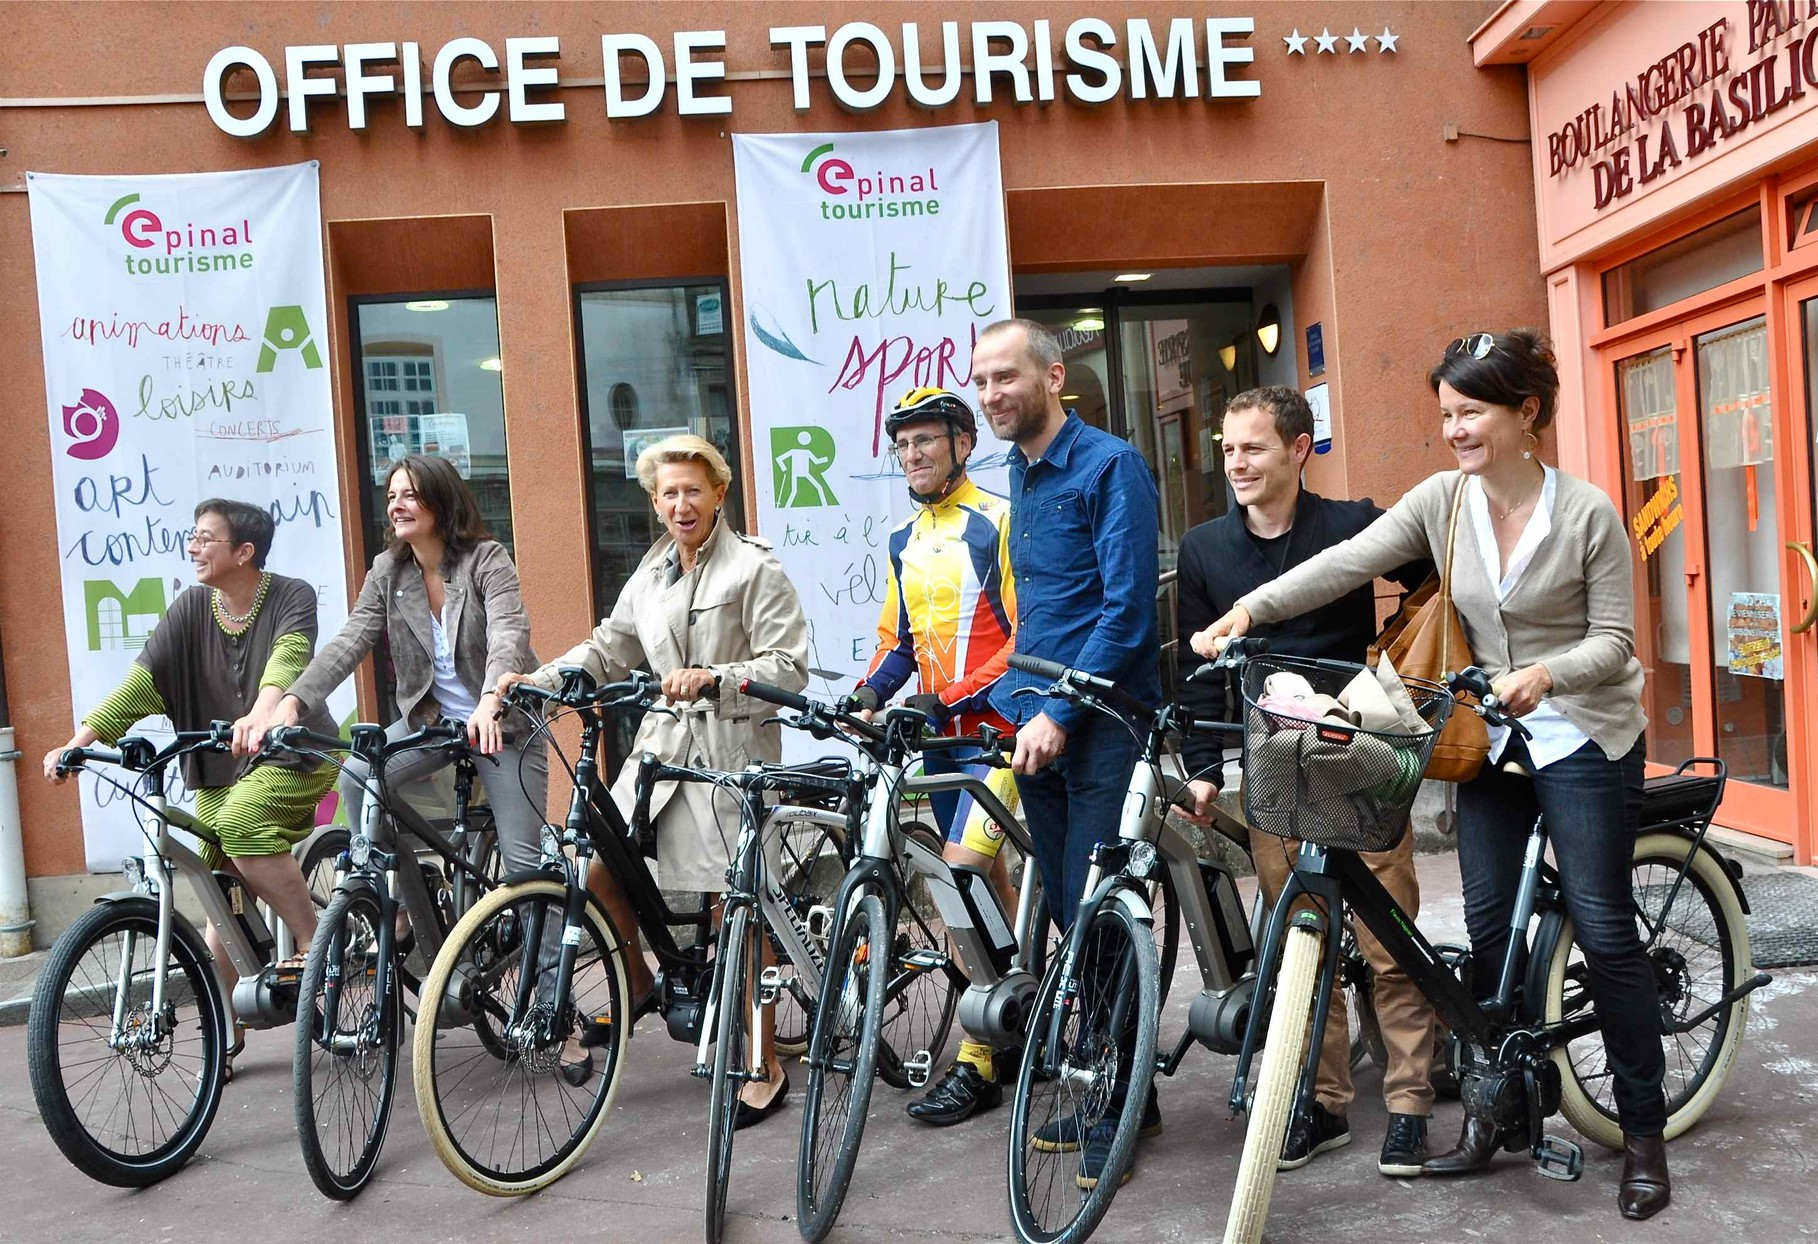 Moustache Epinal Tour 2014 - 100 invités à vélo entre Metz et Epinal, via Nancy. Opération de promotion du vélo à Epinal et alentours.